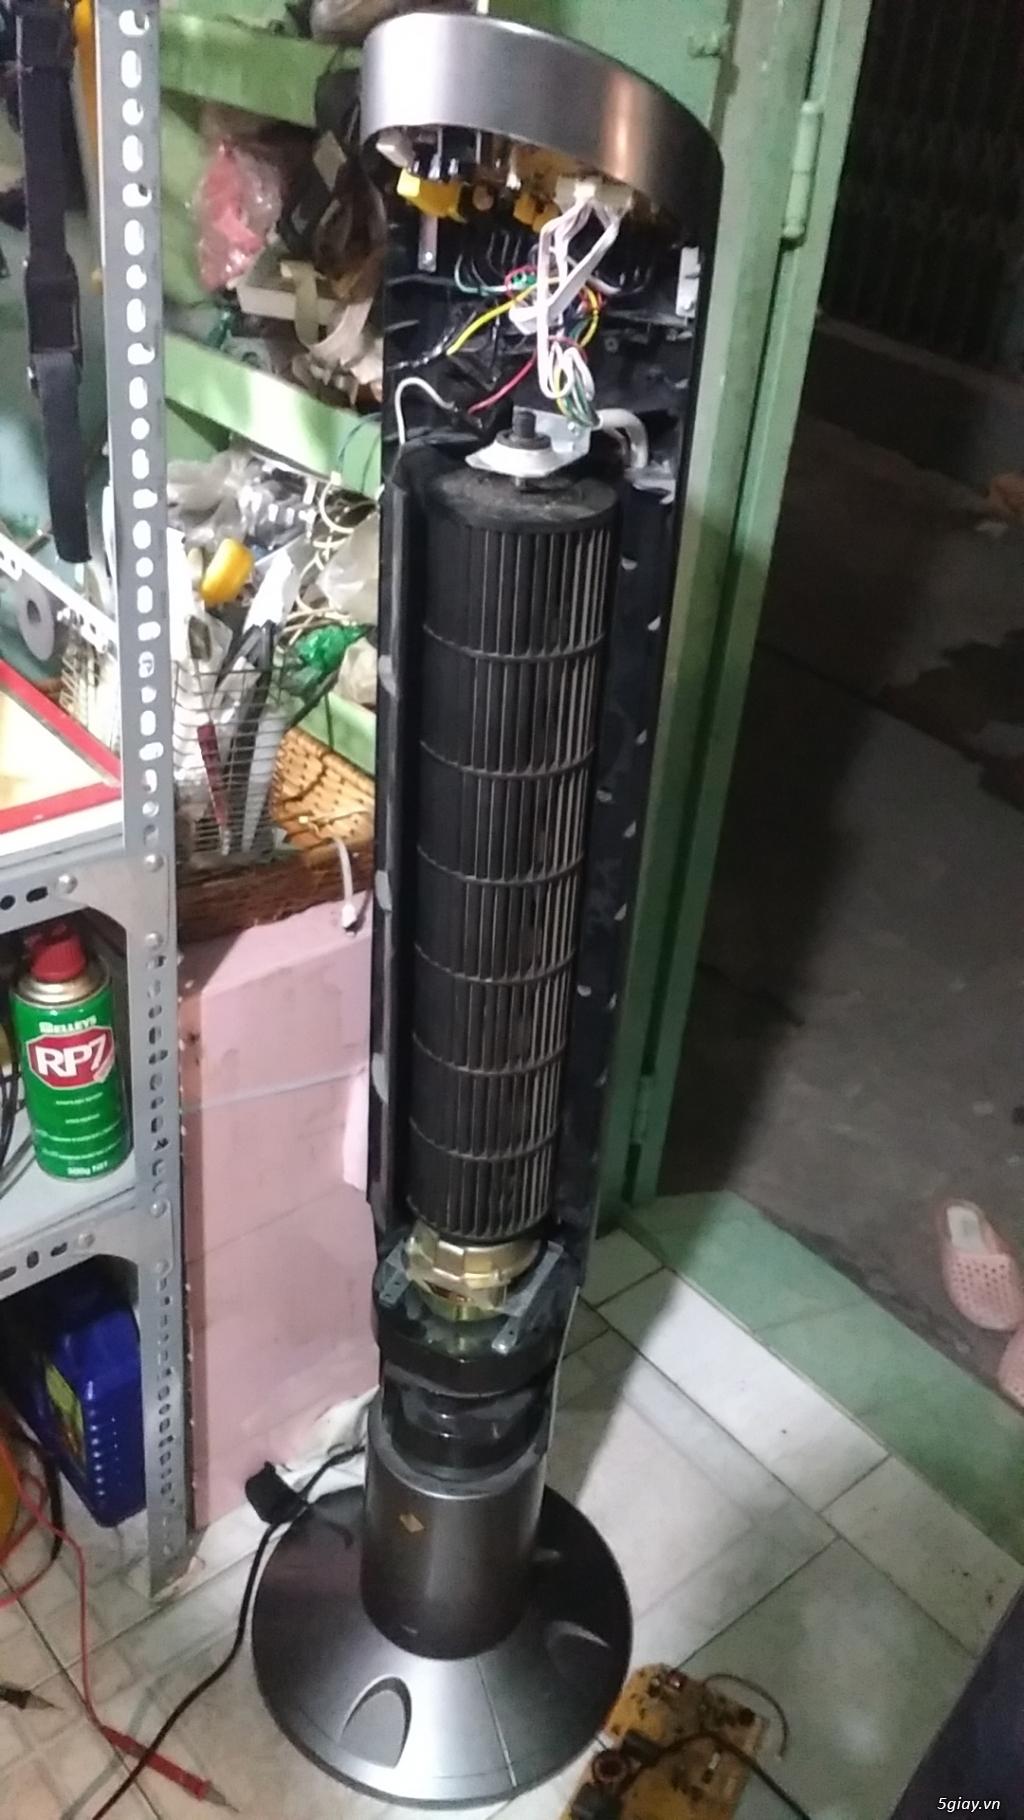 Chuyên sửa bếp hồng ngoại, 0908244258, sửa bếp điện từ, sửa nồi áp suất điện, sửa bếp quang - 6